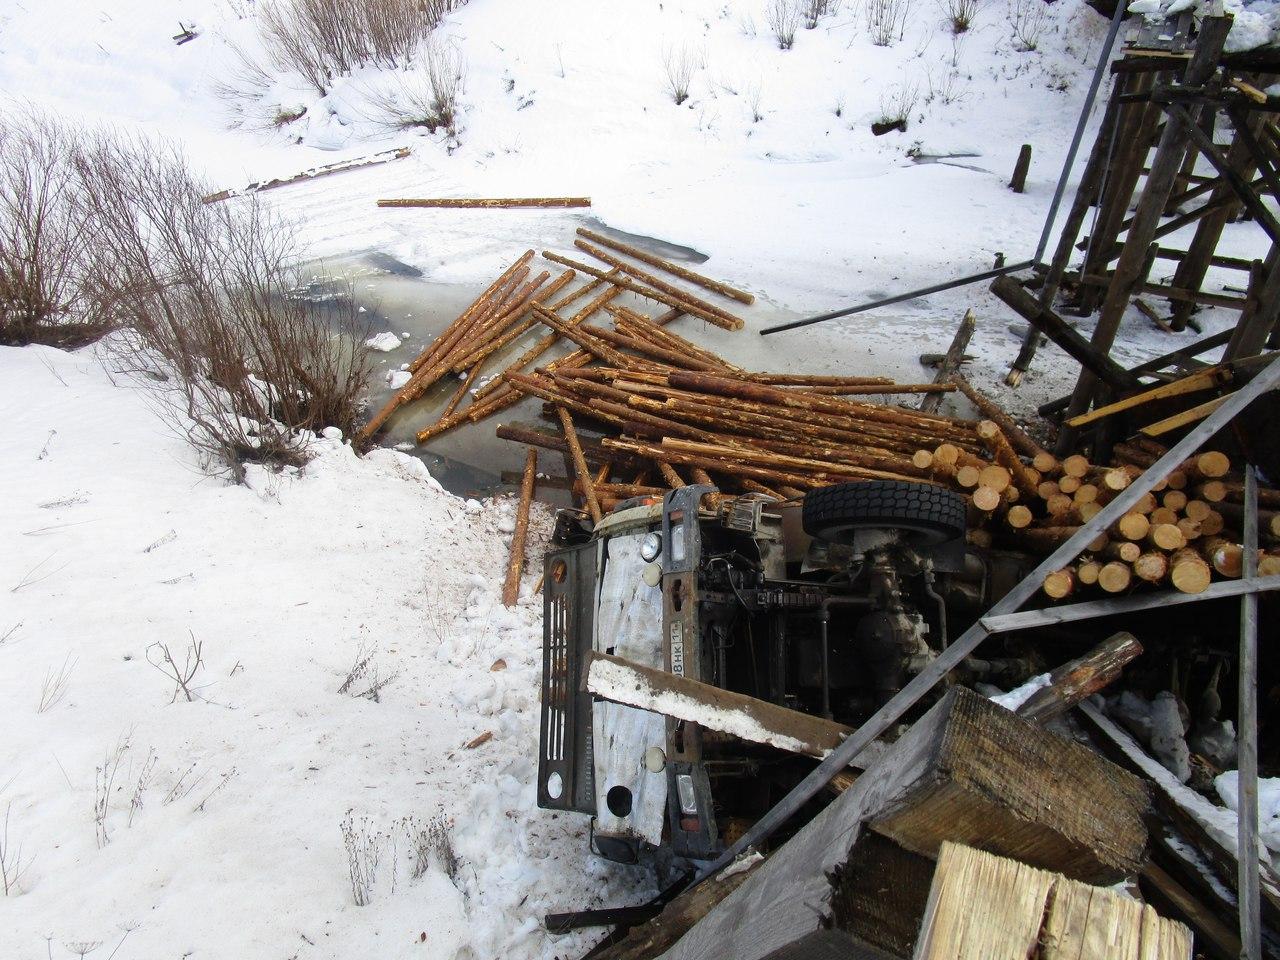 Глава Коми поручил принять срочные меры для ликвидации последствий аварии на автомобильном мосту в Прилузье